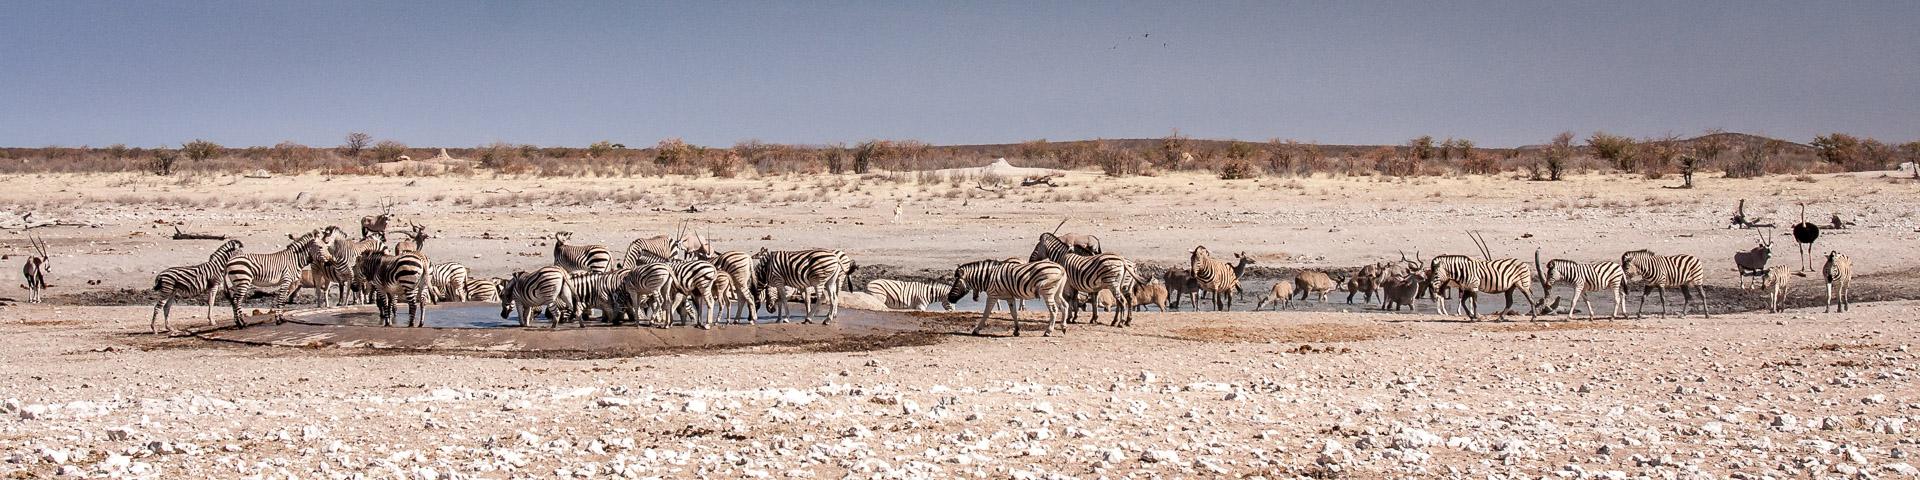 30.7. Renostervlei - Bergzebras und Zebras